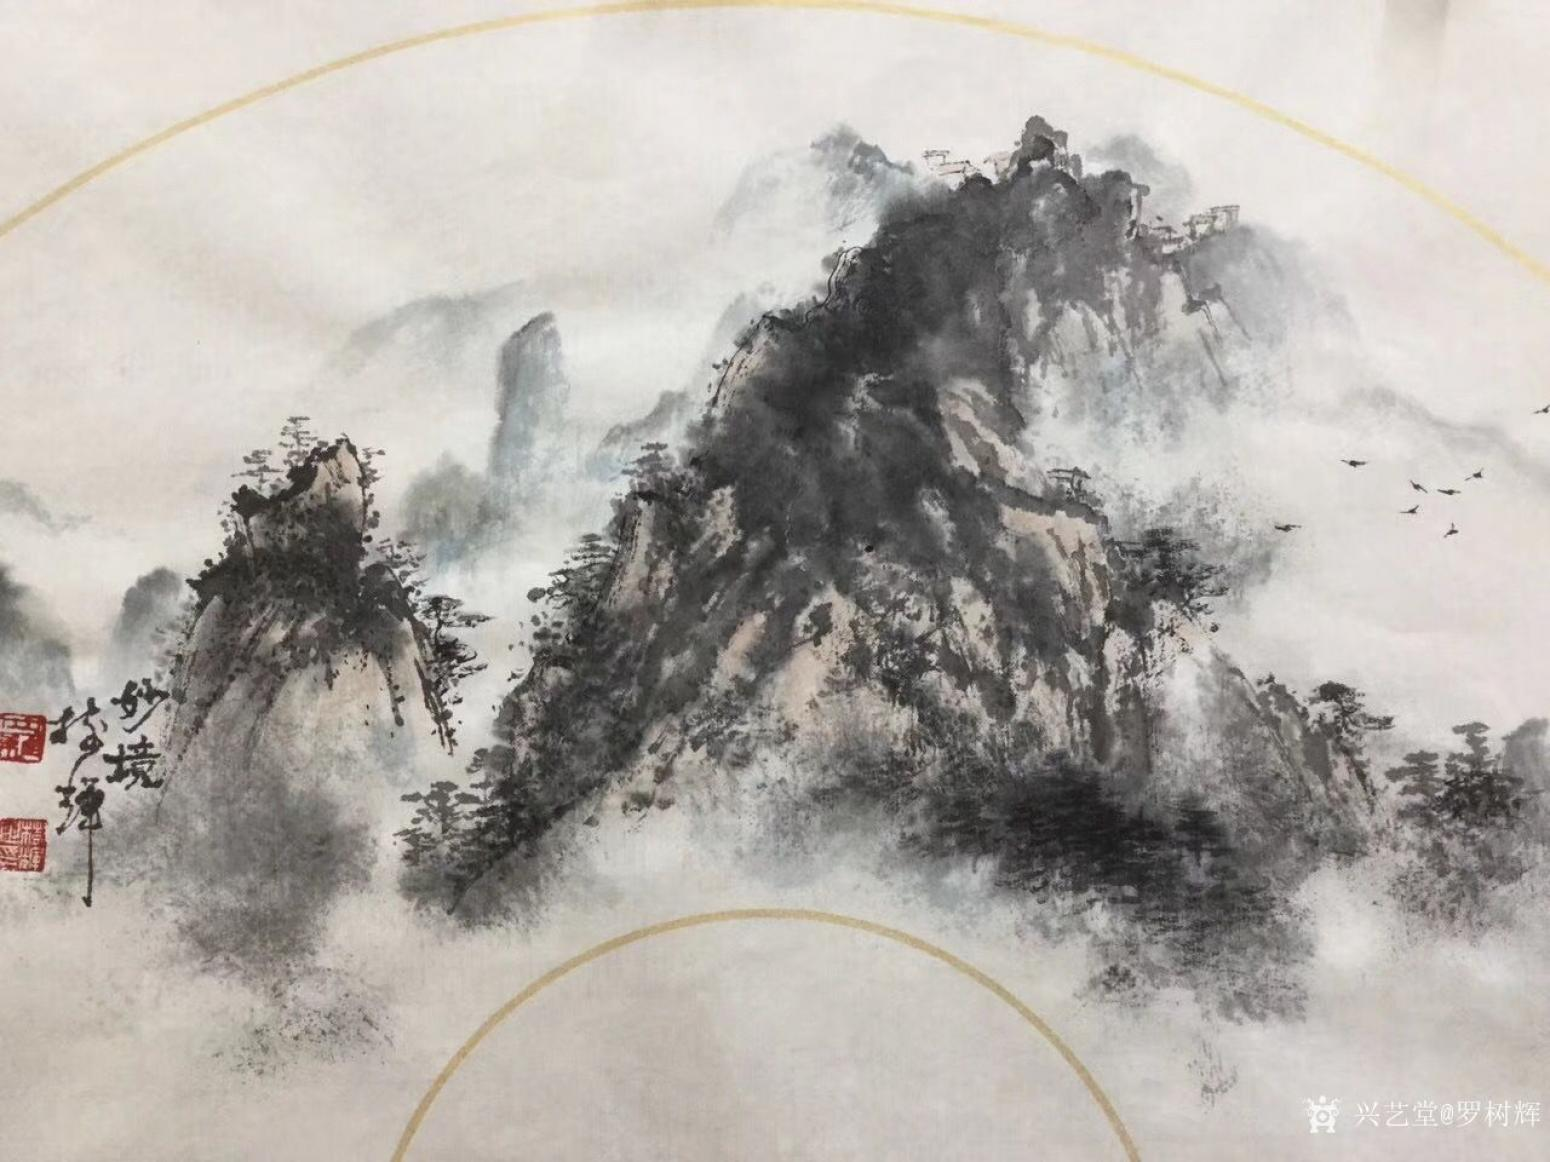 罗树辉国画作品《妙境》【图1】